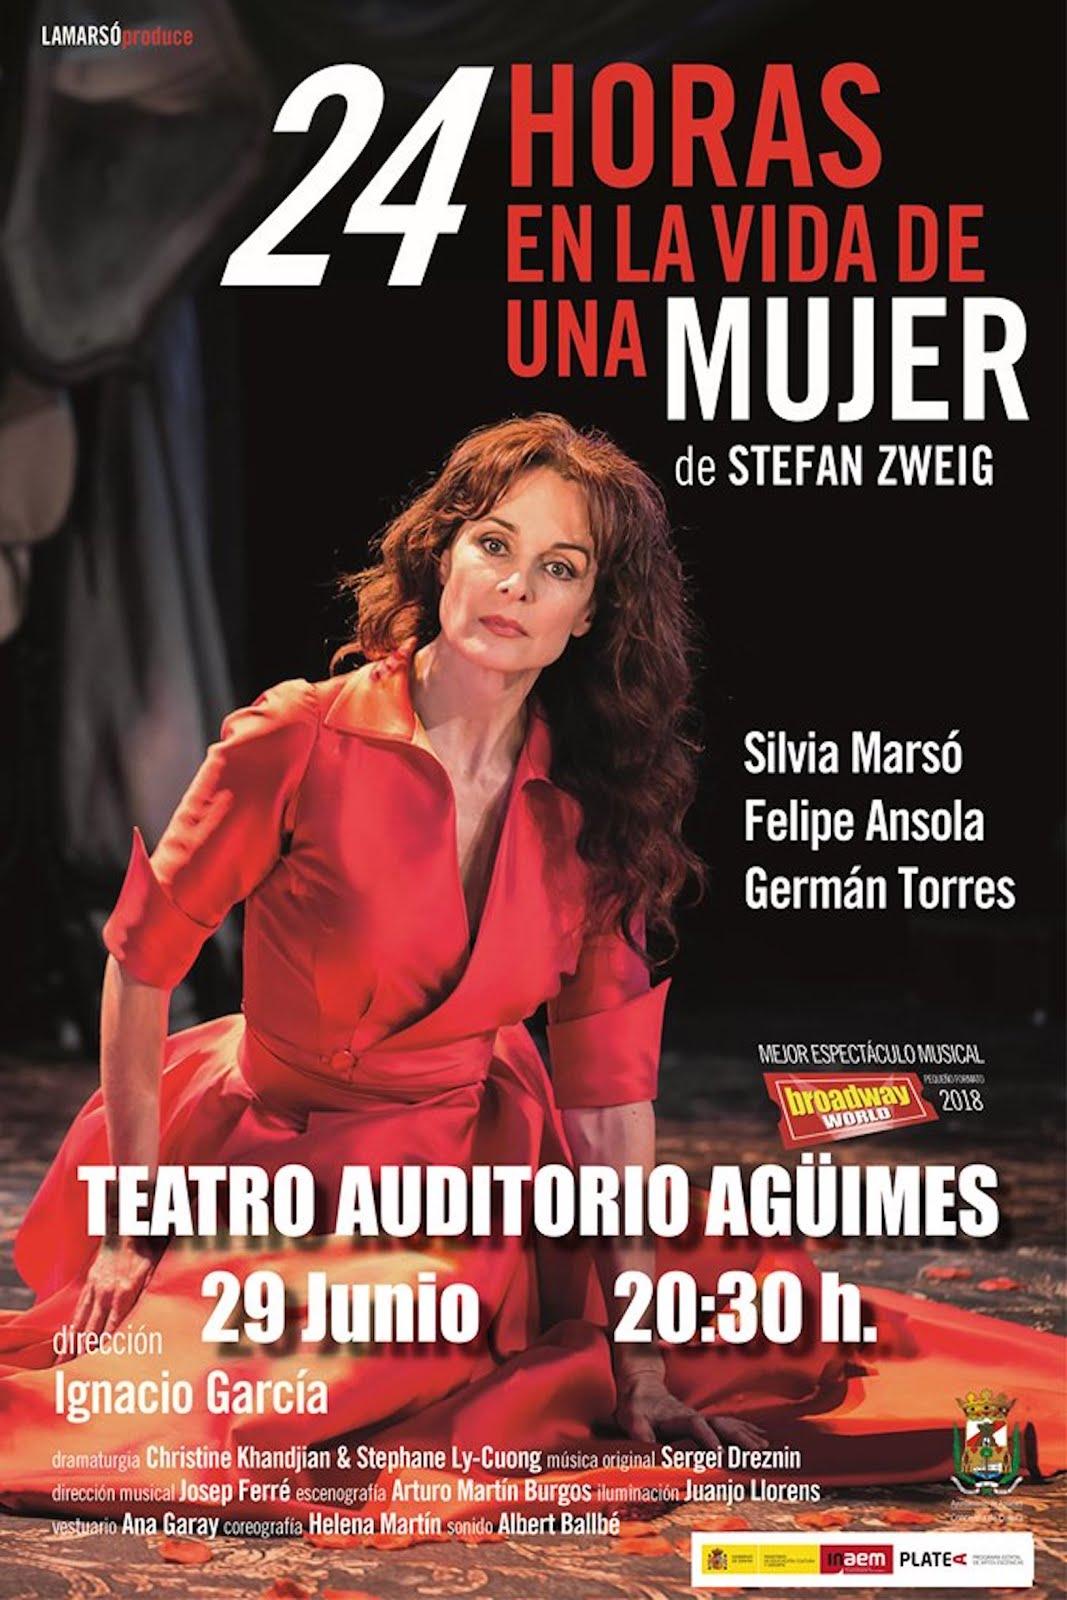 """Silvia Marsó presenta """"24 horas en la vida de una mujer"""""""